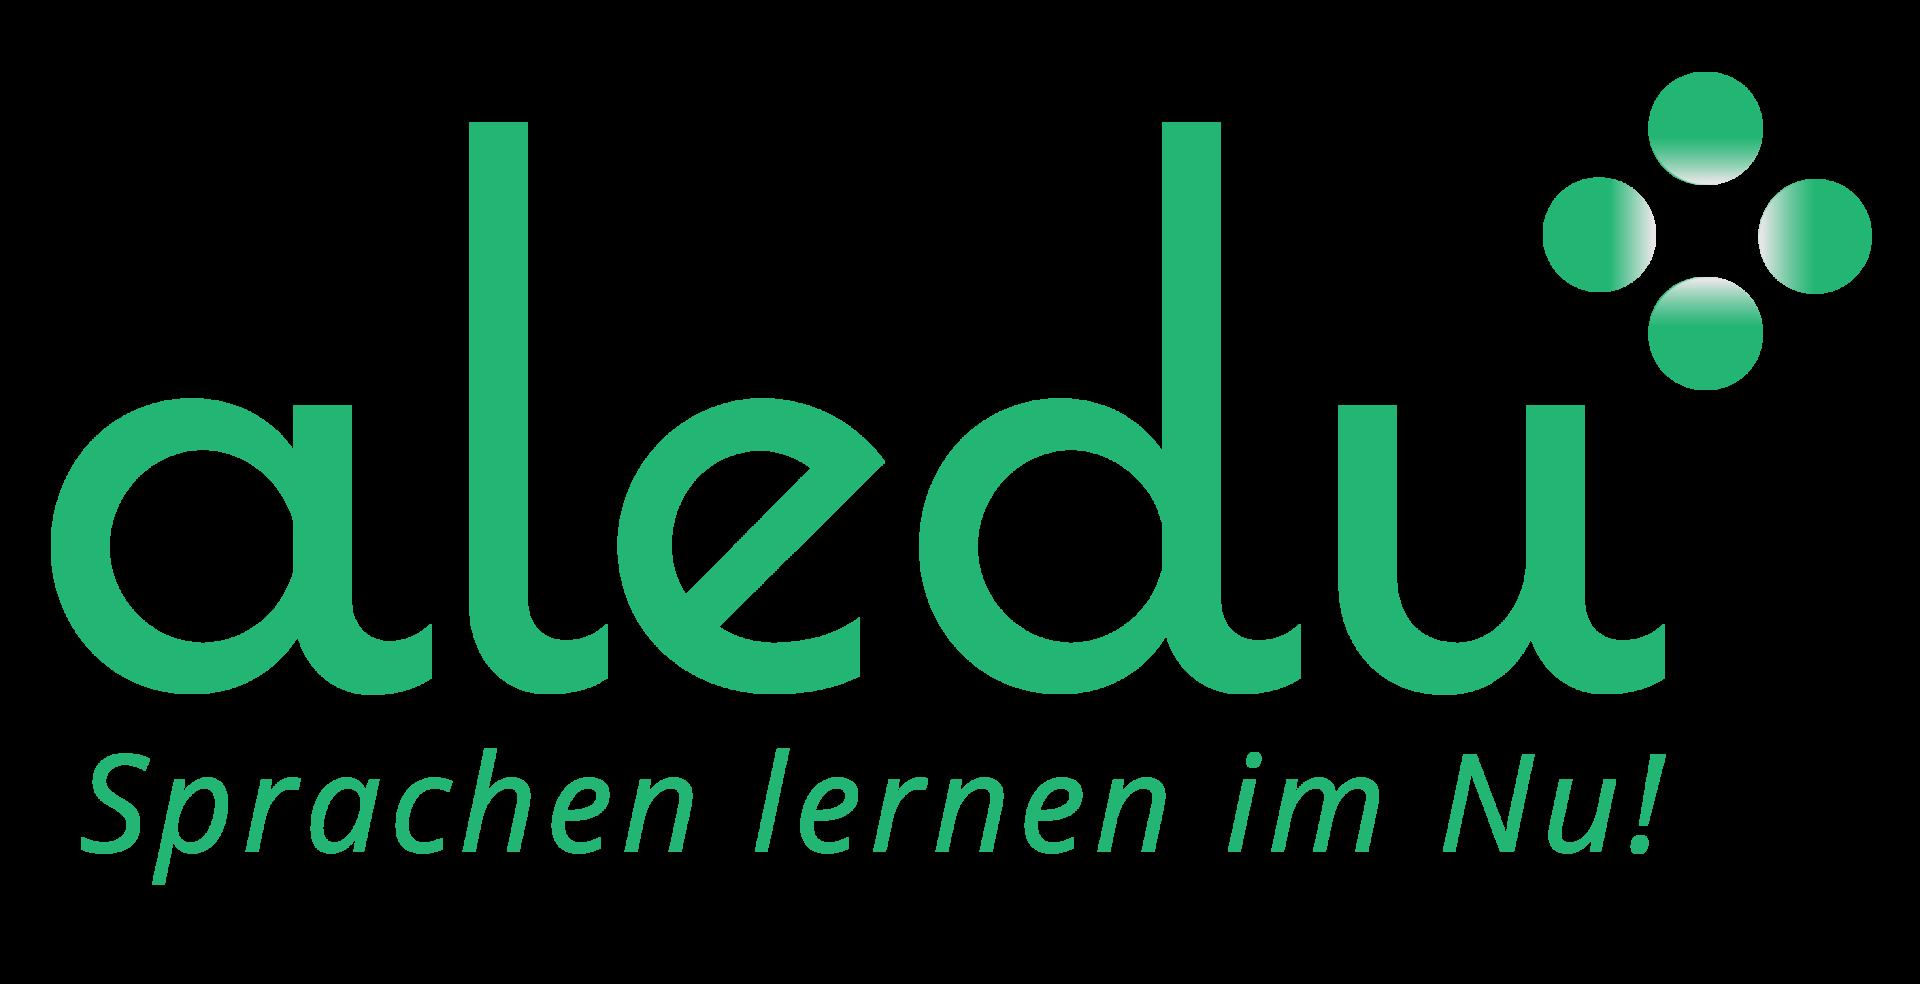 aledu - Bildungseinrichtung